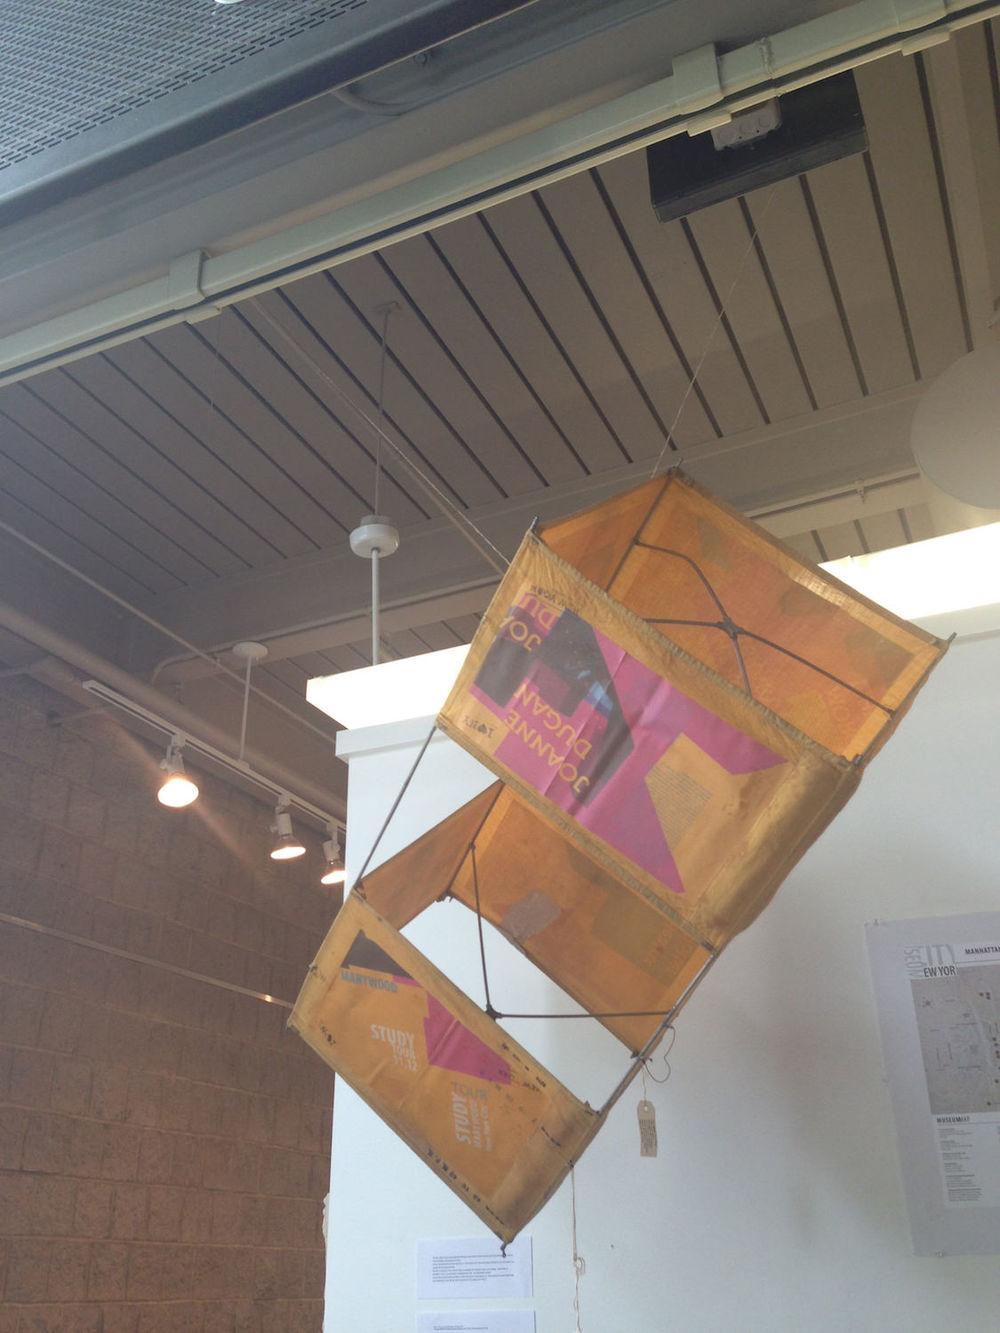 Kite 069.jpg